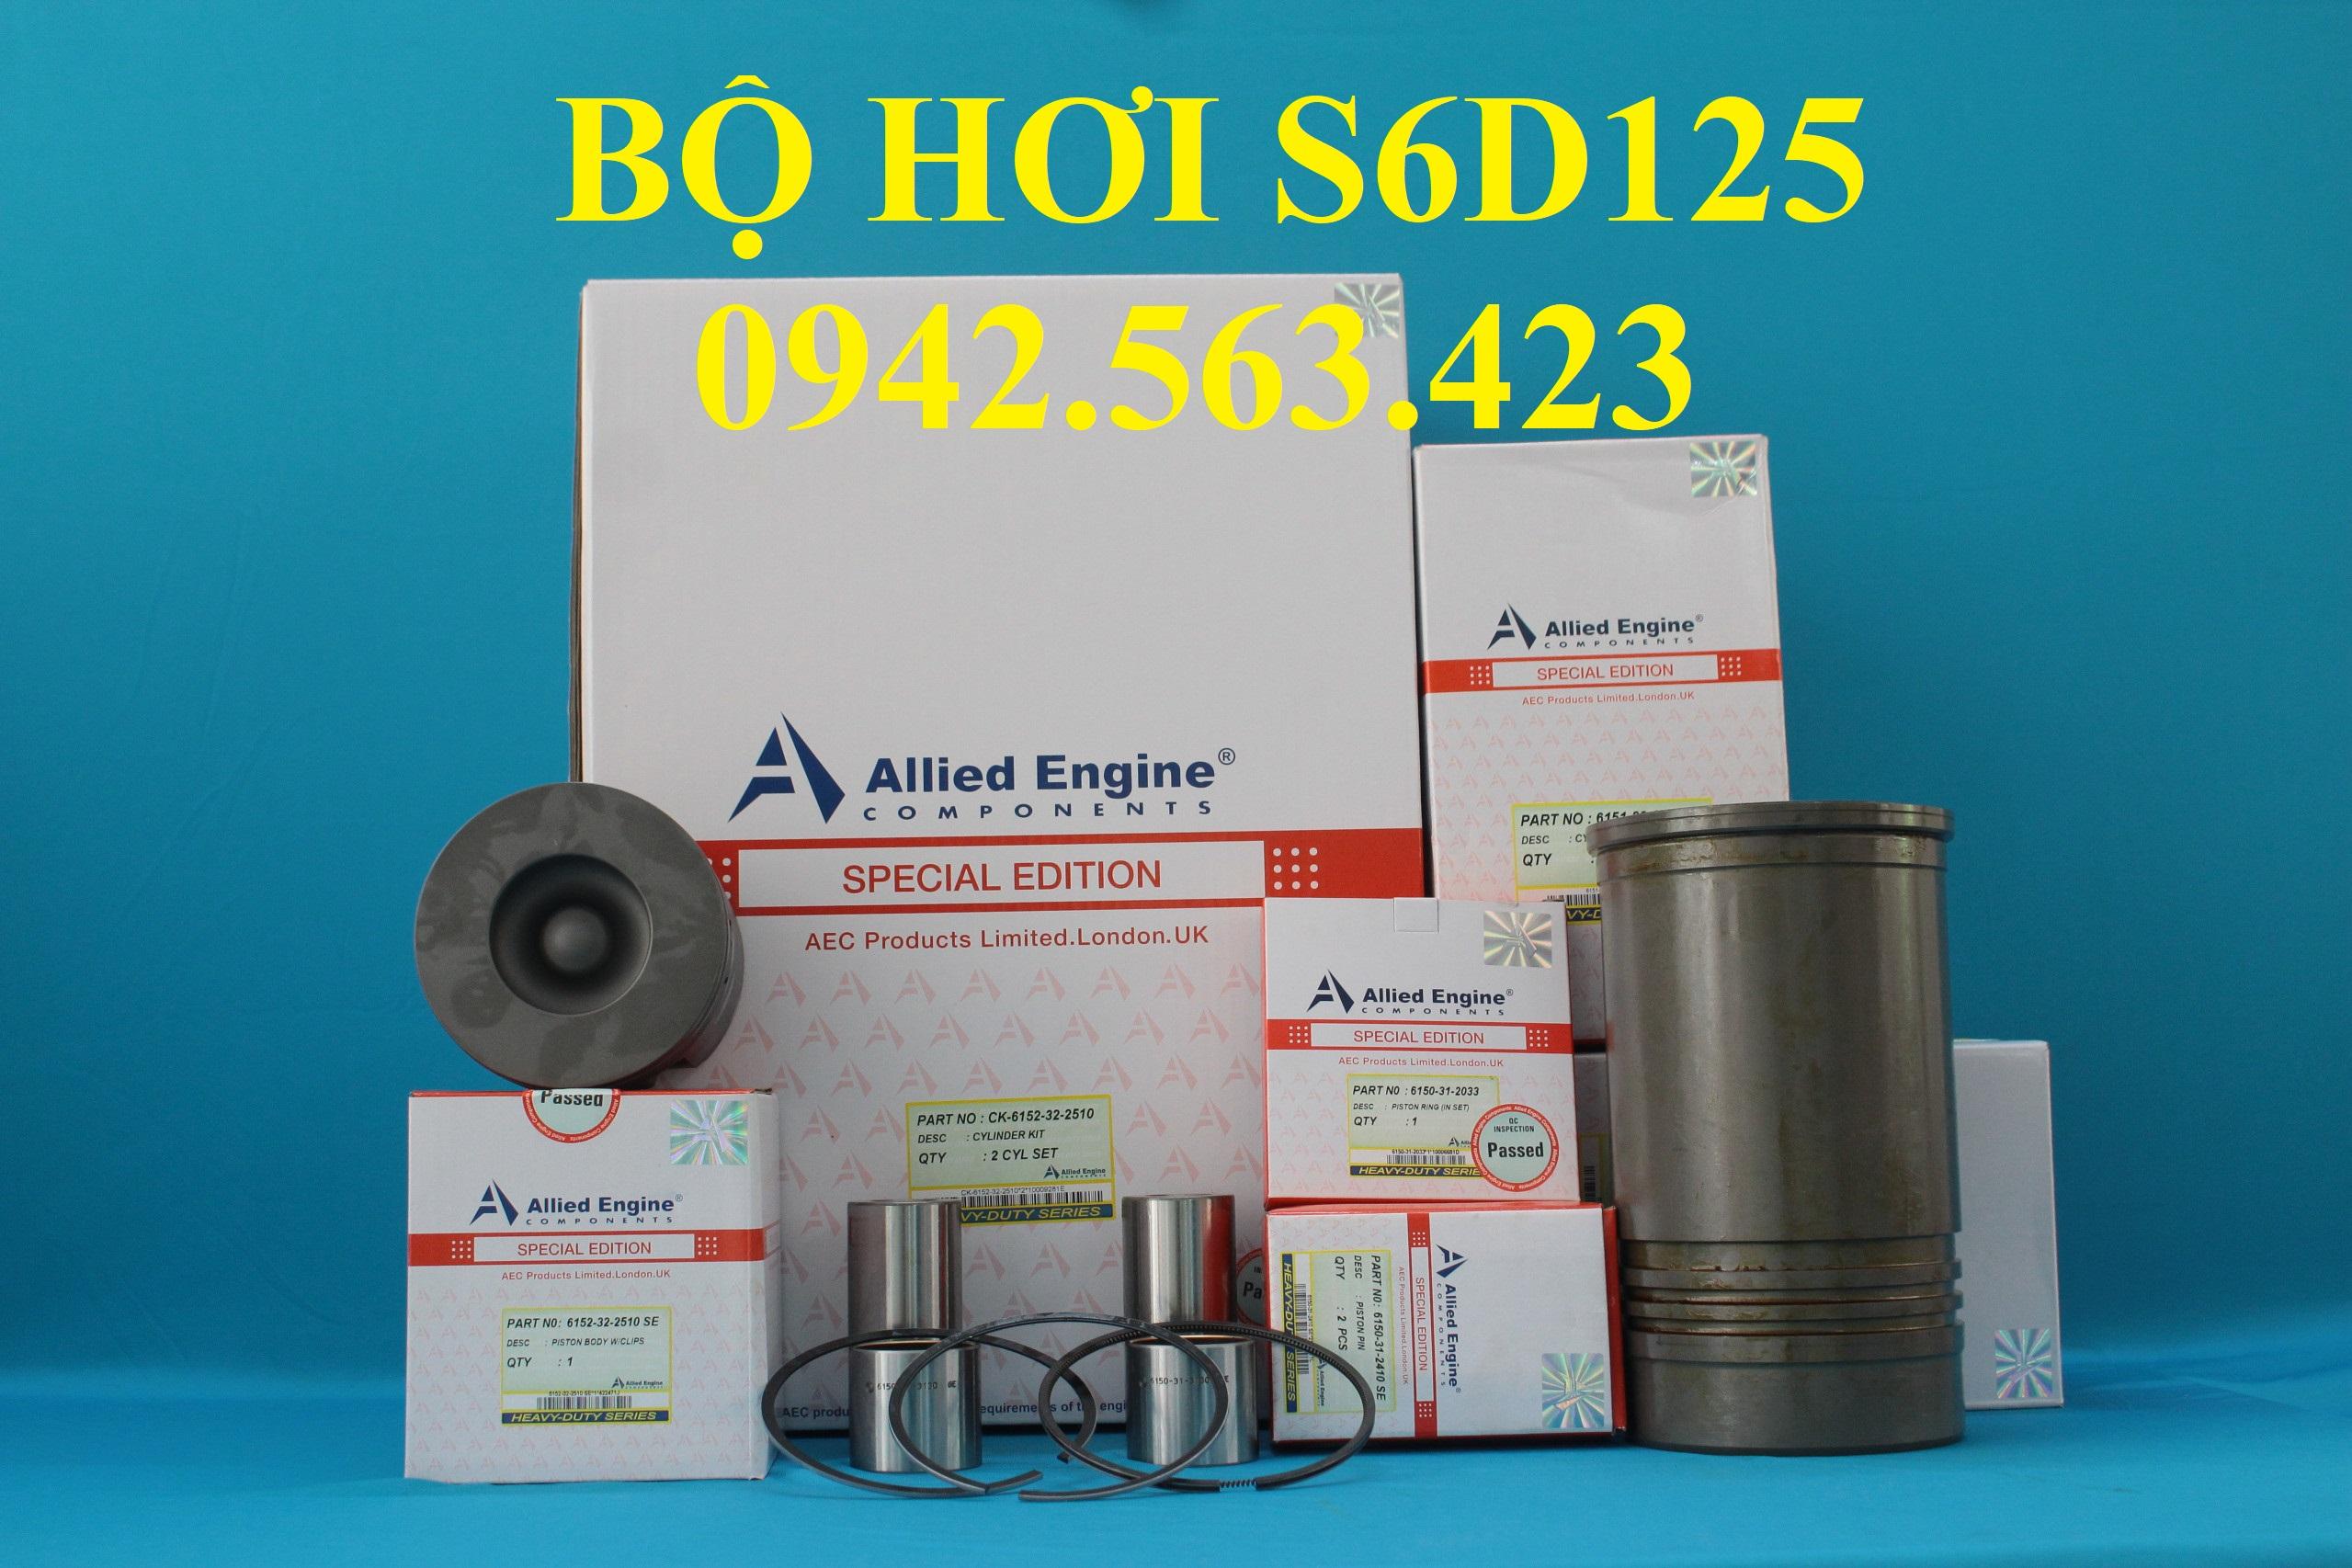 Bộ hơi S6D125 lắp PC300-3, PC400-3, PC400-5